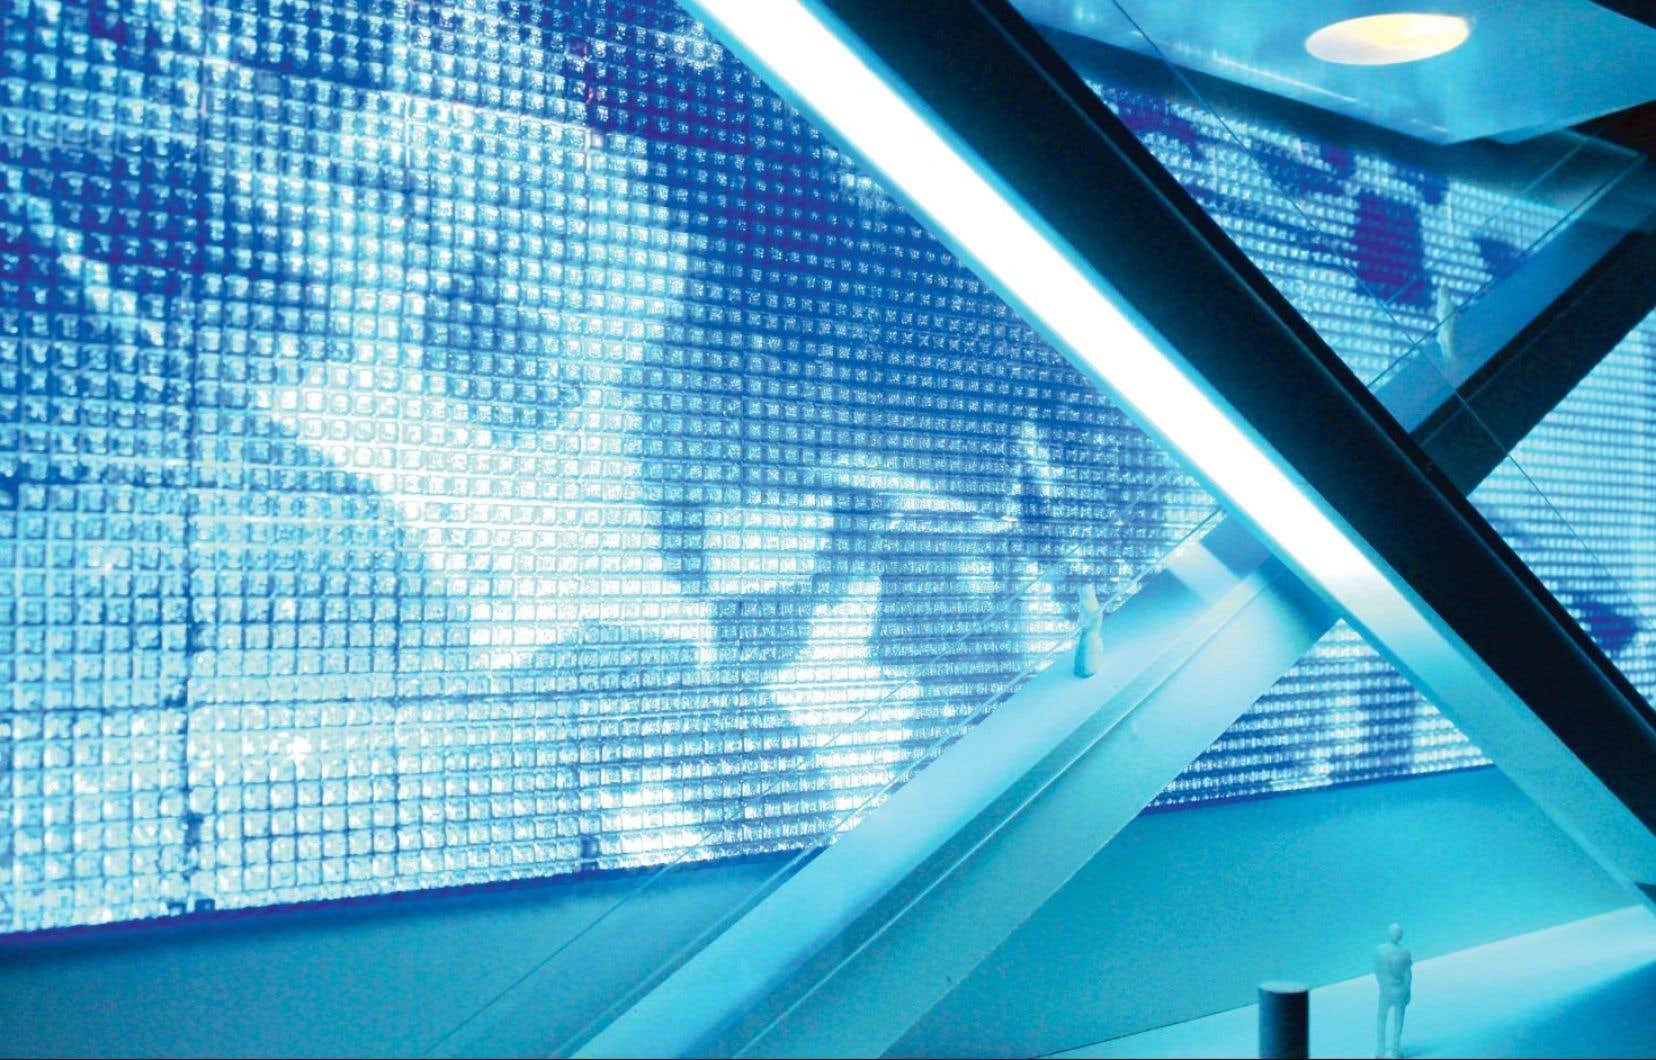 L'œuvre de Jonathan Villeneuve Le grand bleu du Nord (maquette) a remporté le concours national visant à doter le futur amphithéâtre d'une œuvre publique. La pièce de près de 372m2 couvrira environ 80% du mur du vaste espace d'accueil de l'édifice.